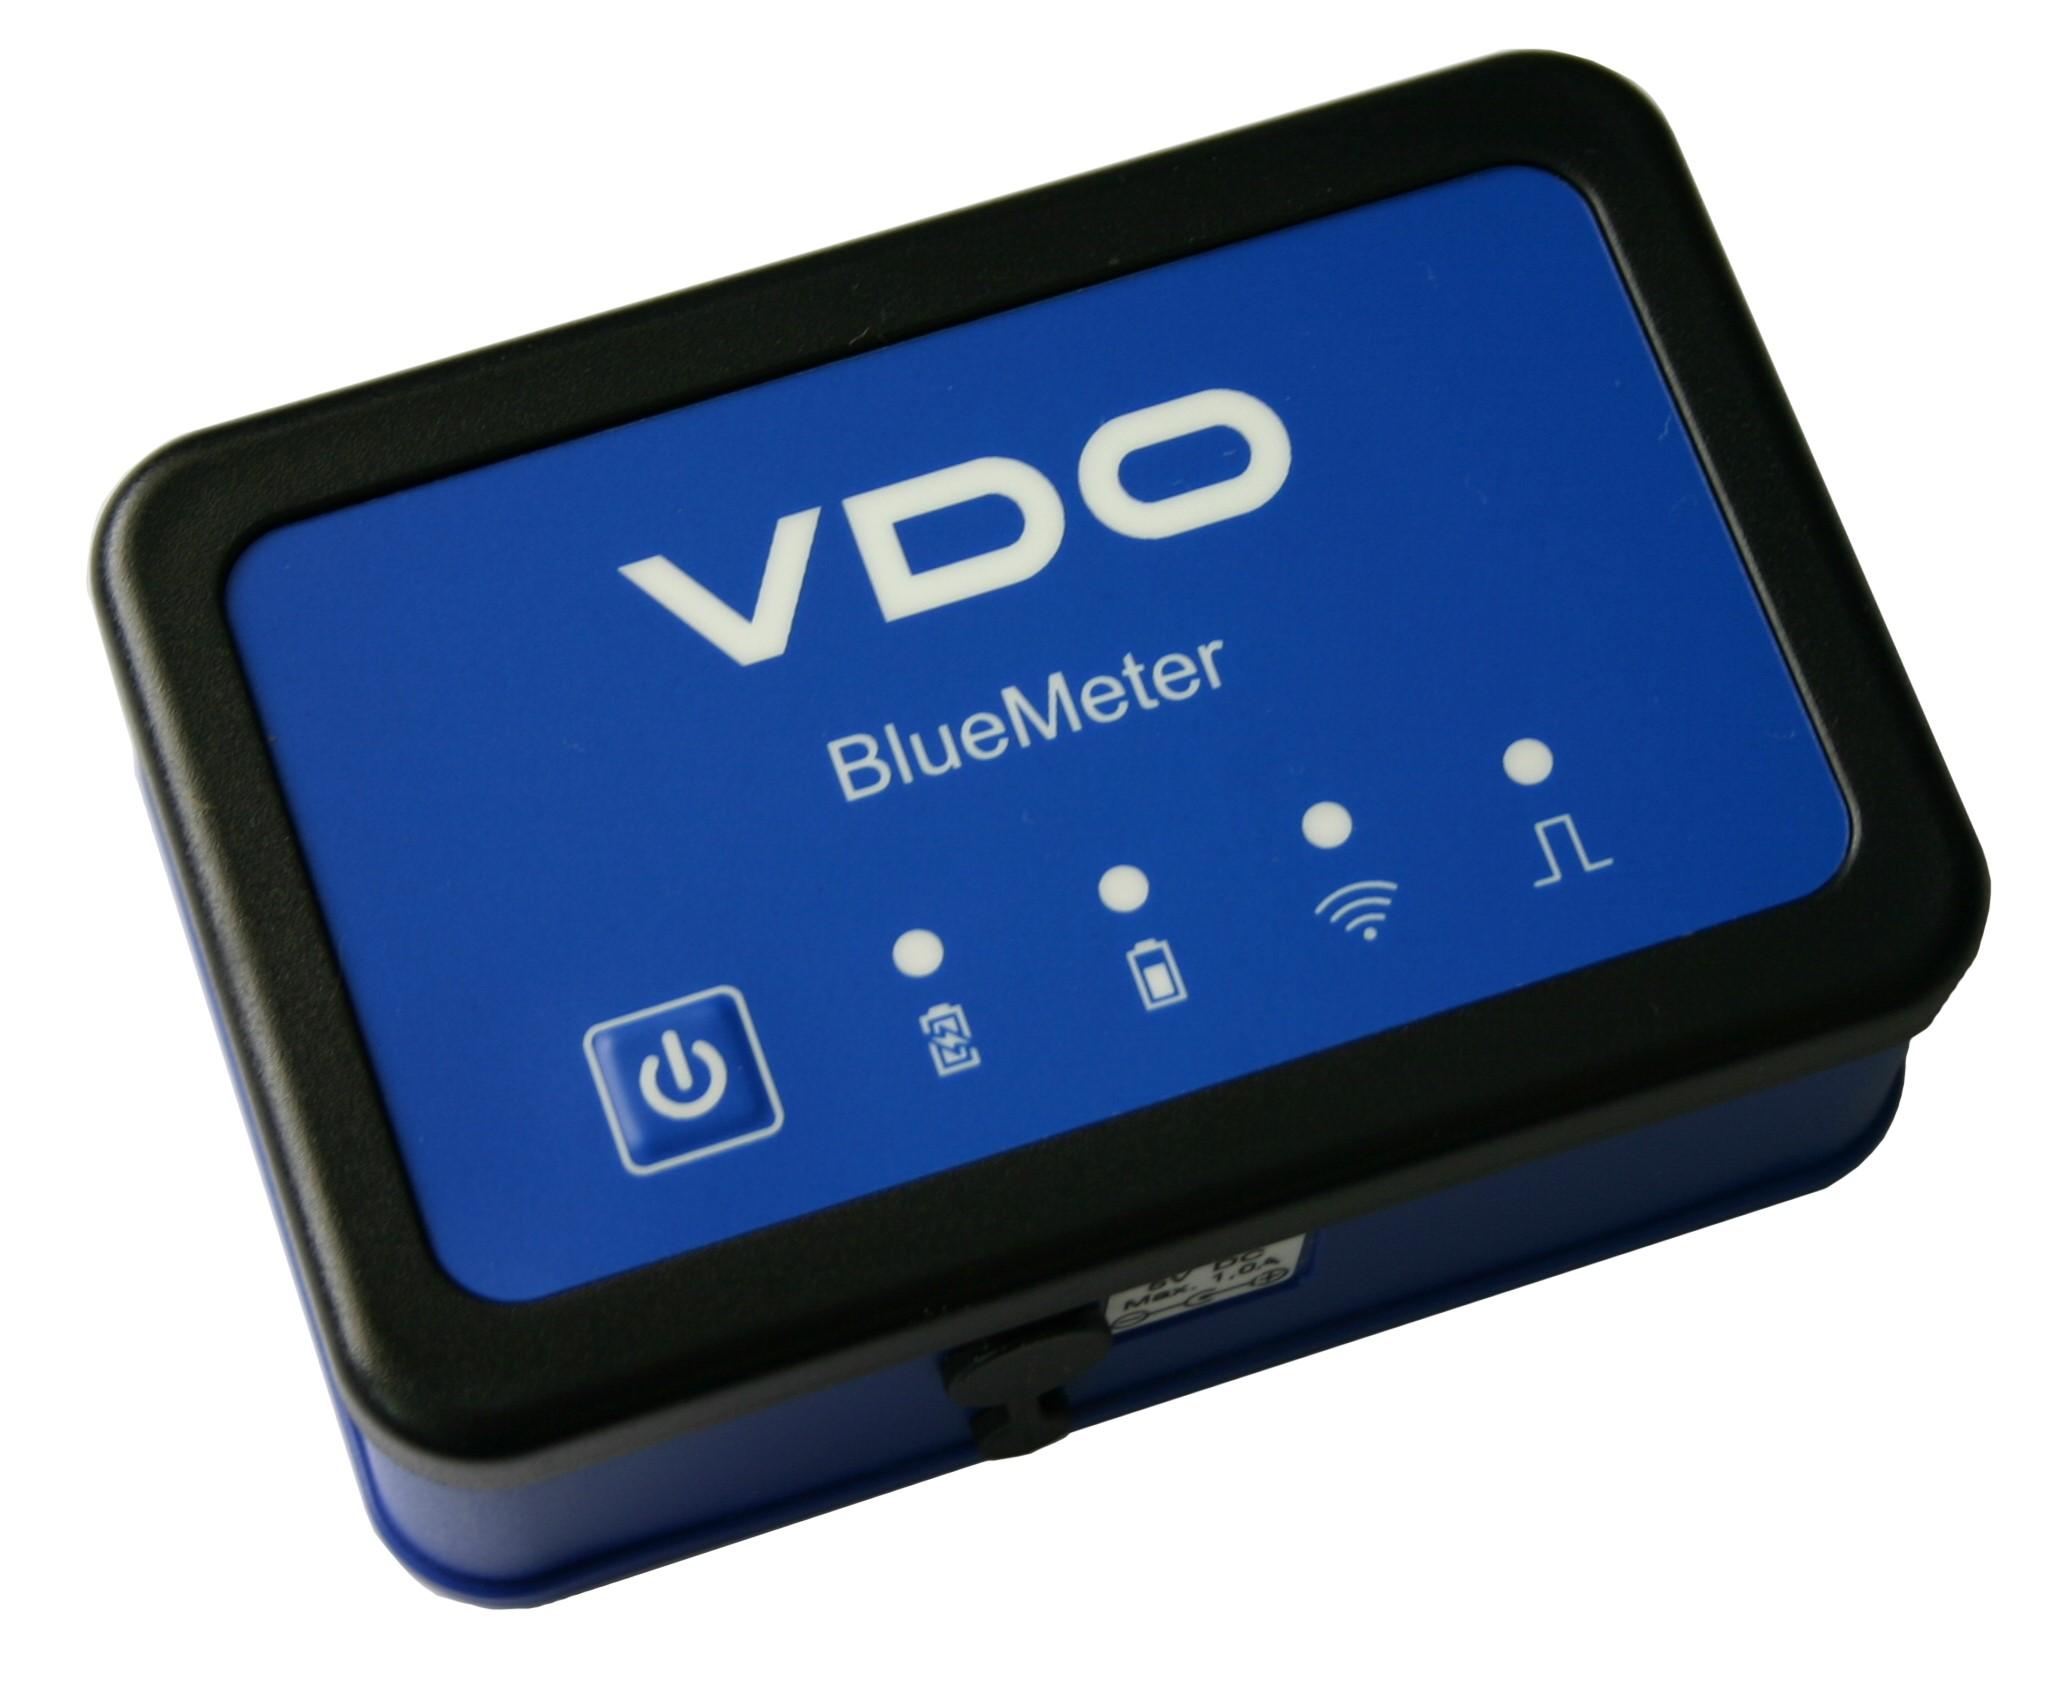 BlueMeter